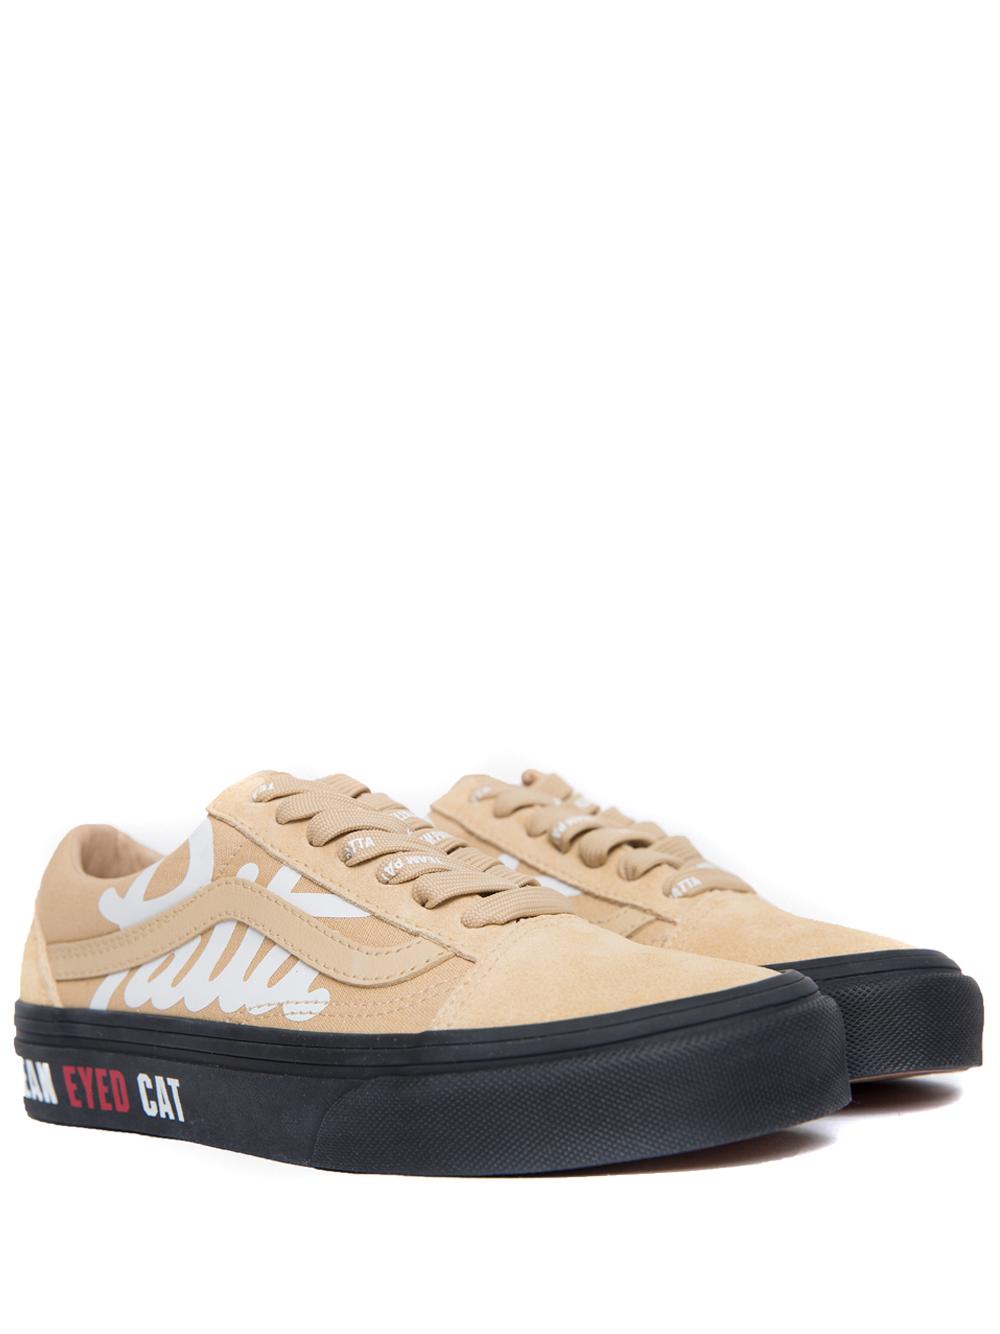 sneakers ua old skool vlt lx unisex beige VANS VAULT X PATTA | Sneakers | VN0A4BVF5X51